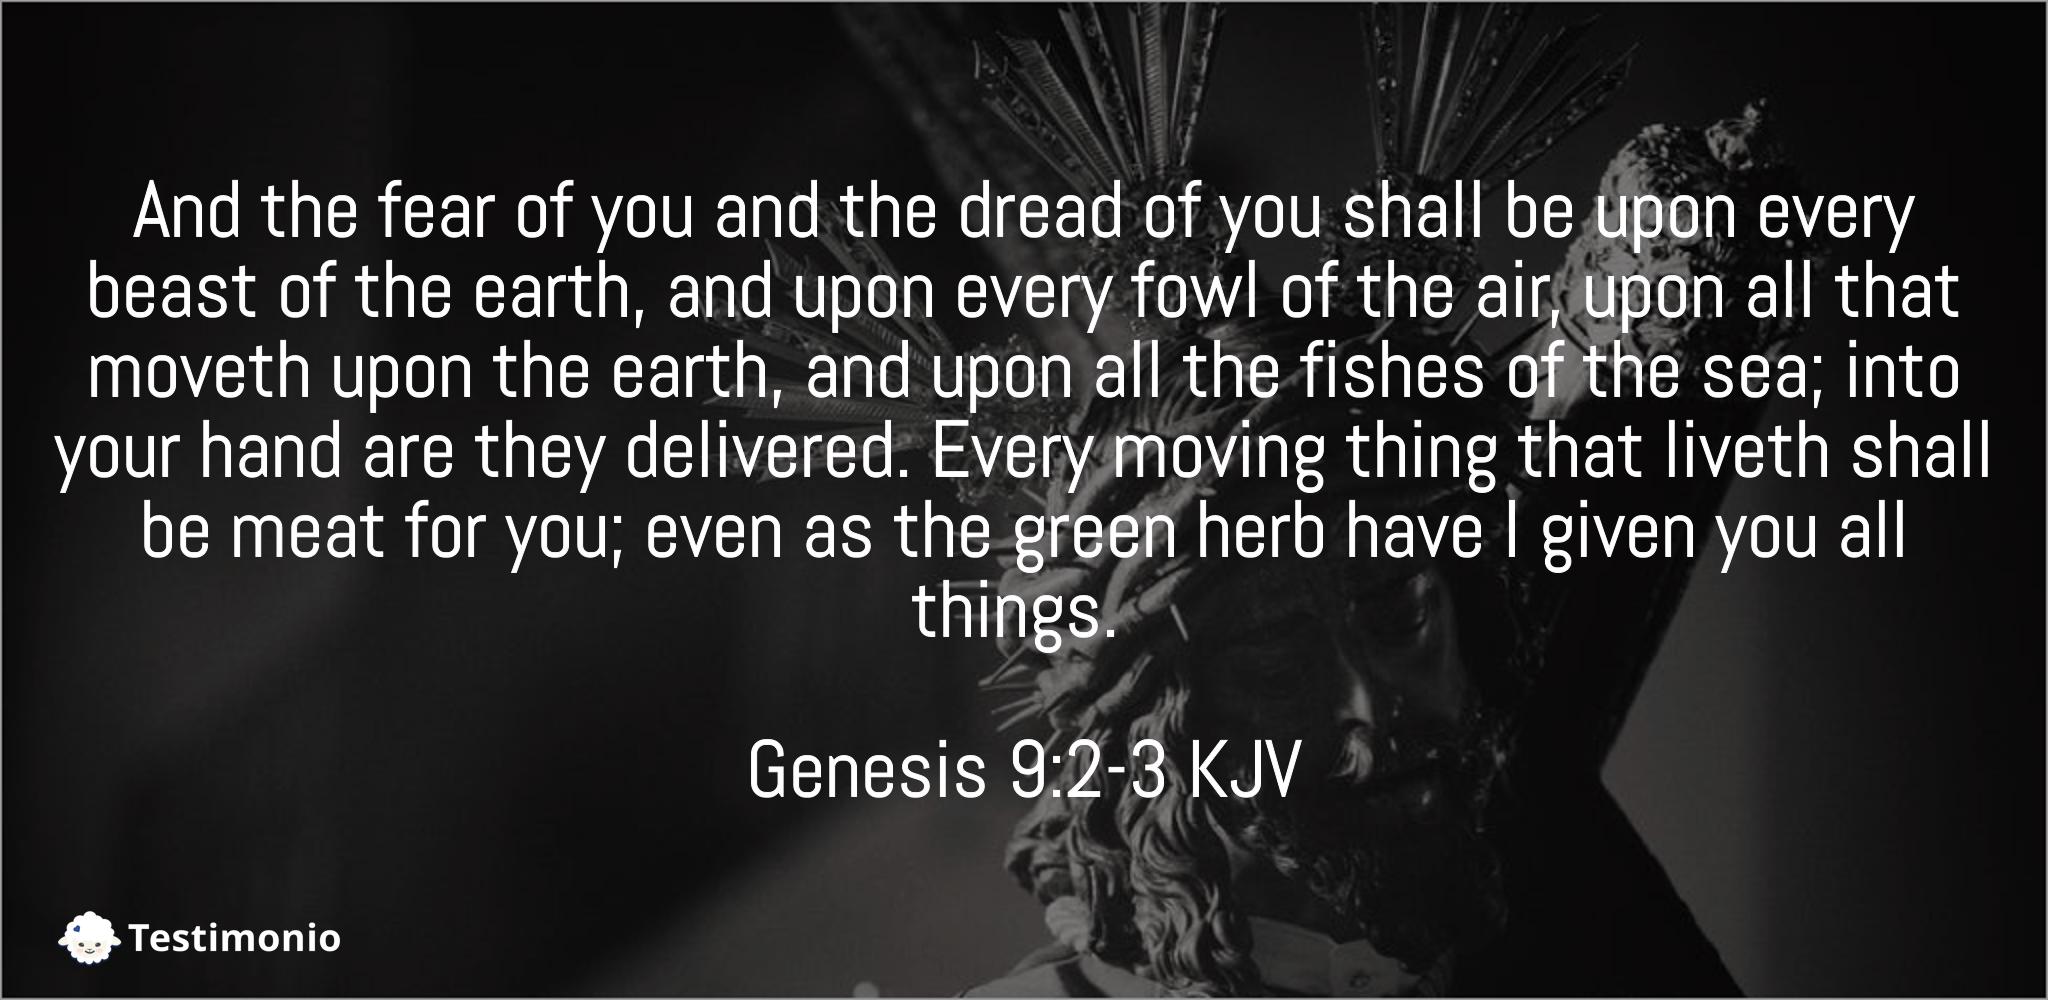 Genesis 9:2-3